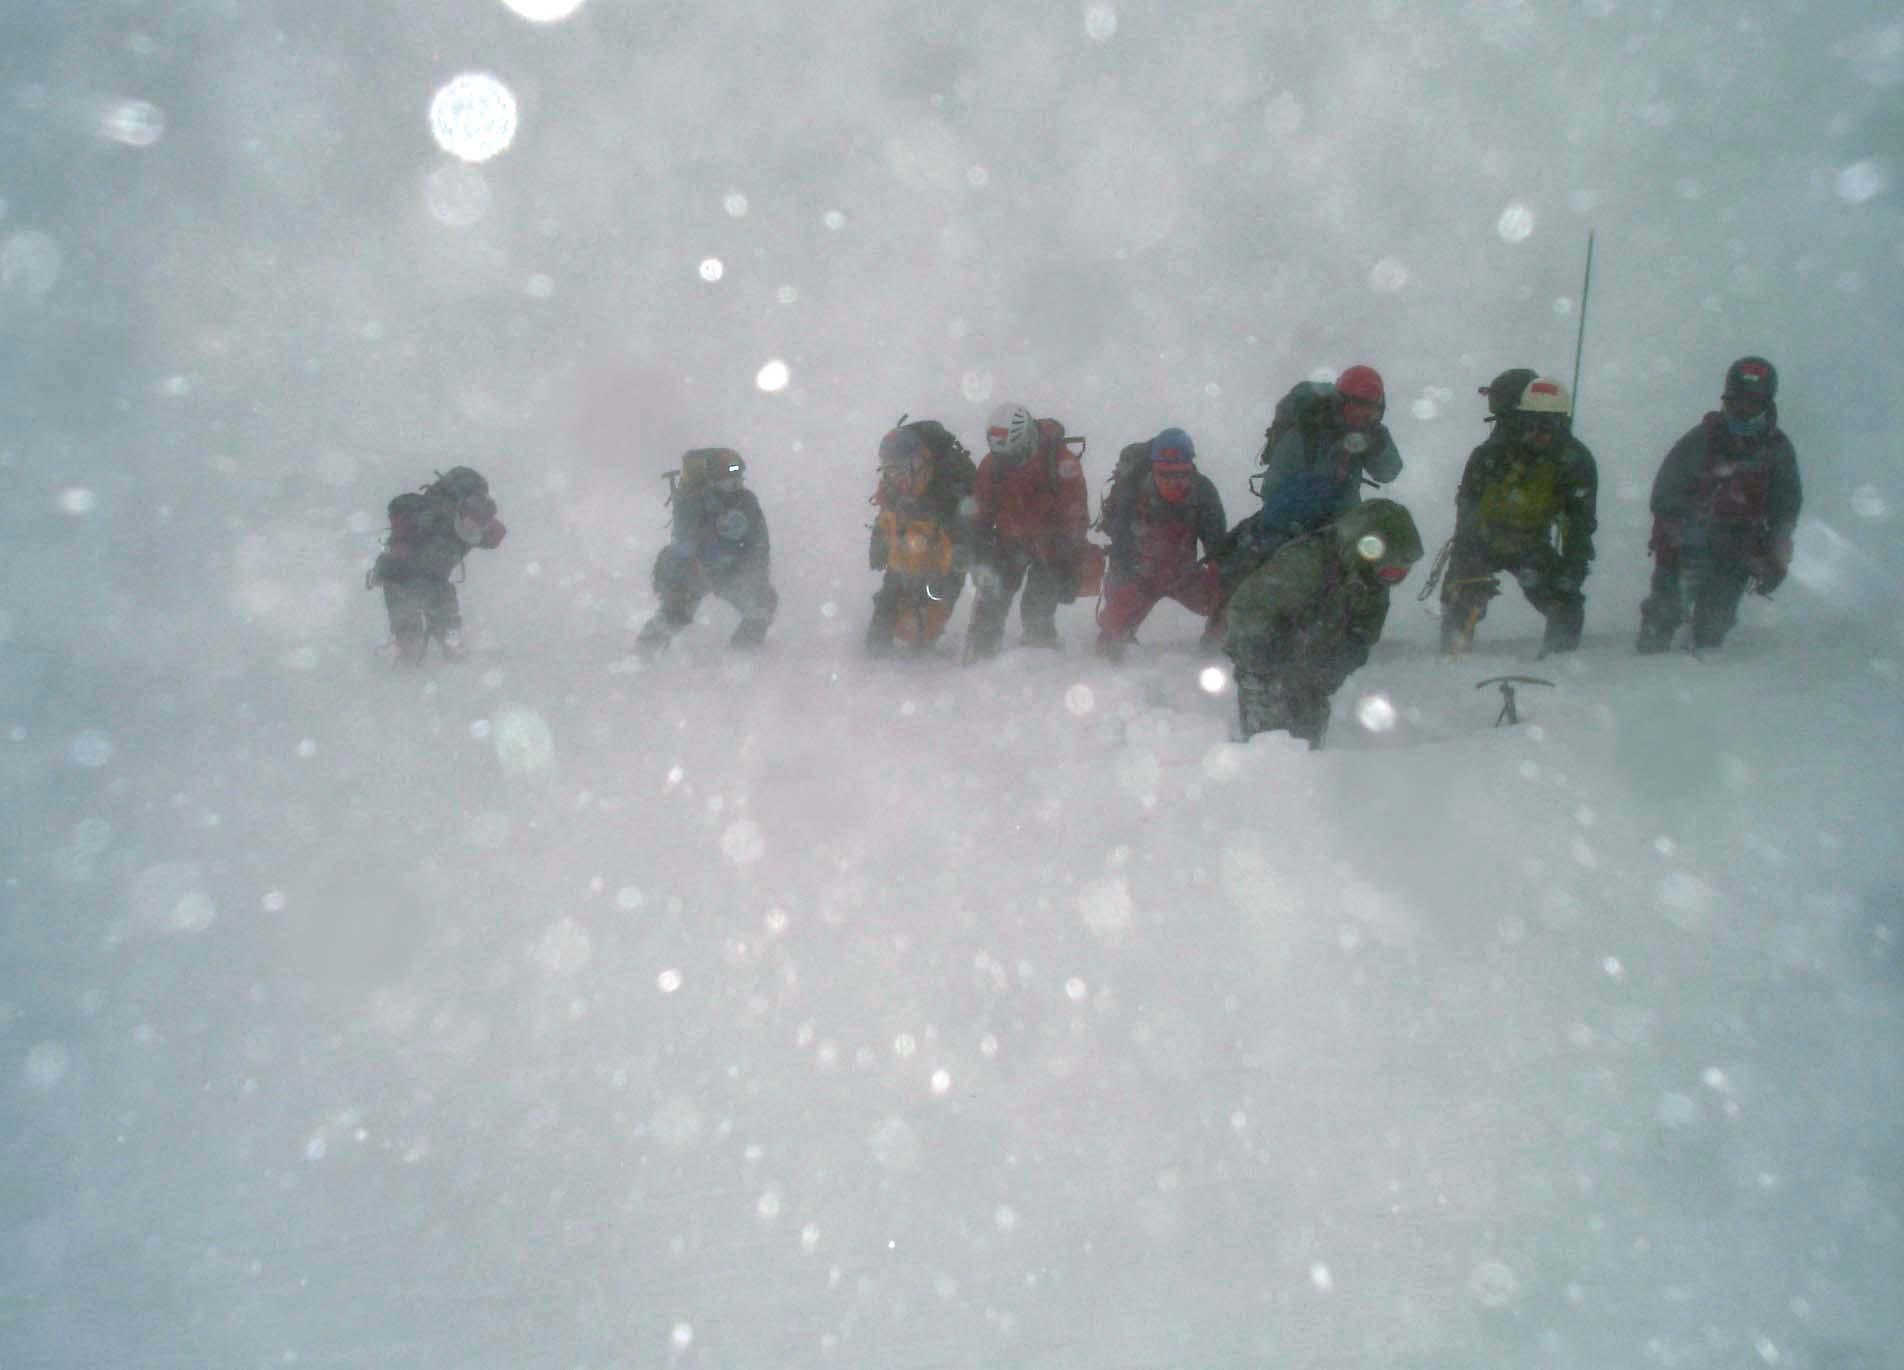 2月13日雪庇観察のために移動するも猛烈な風と地吹雪